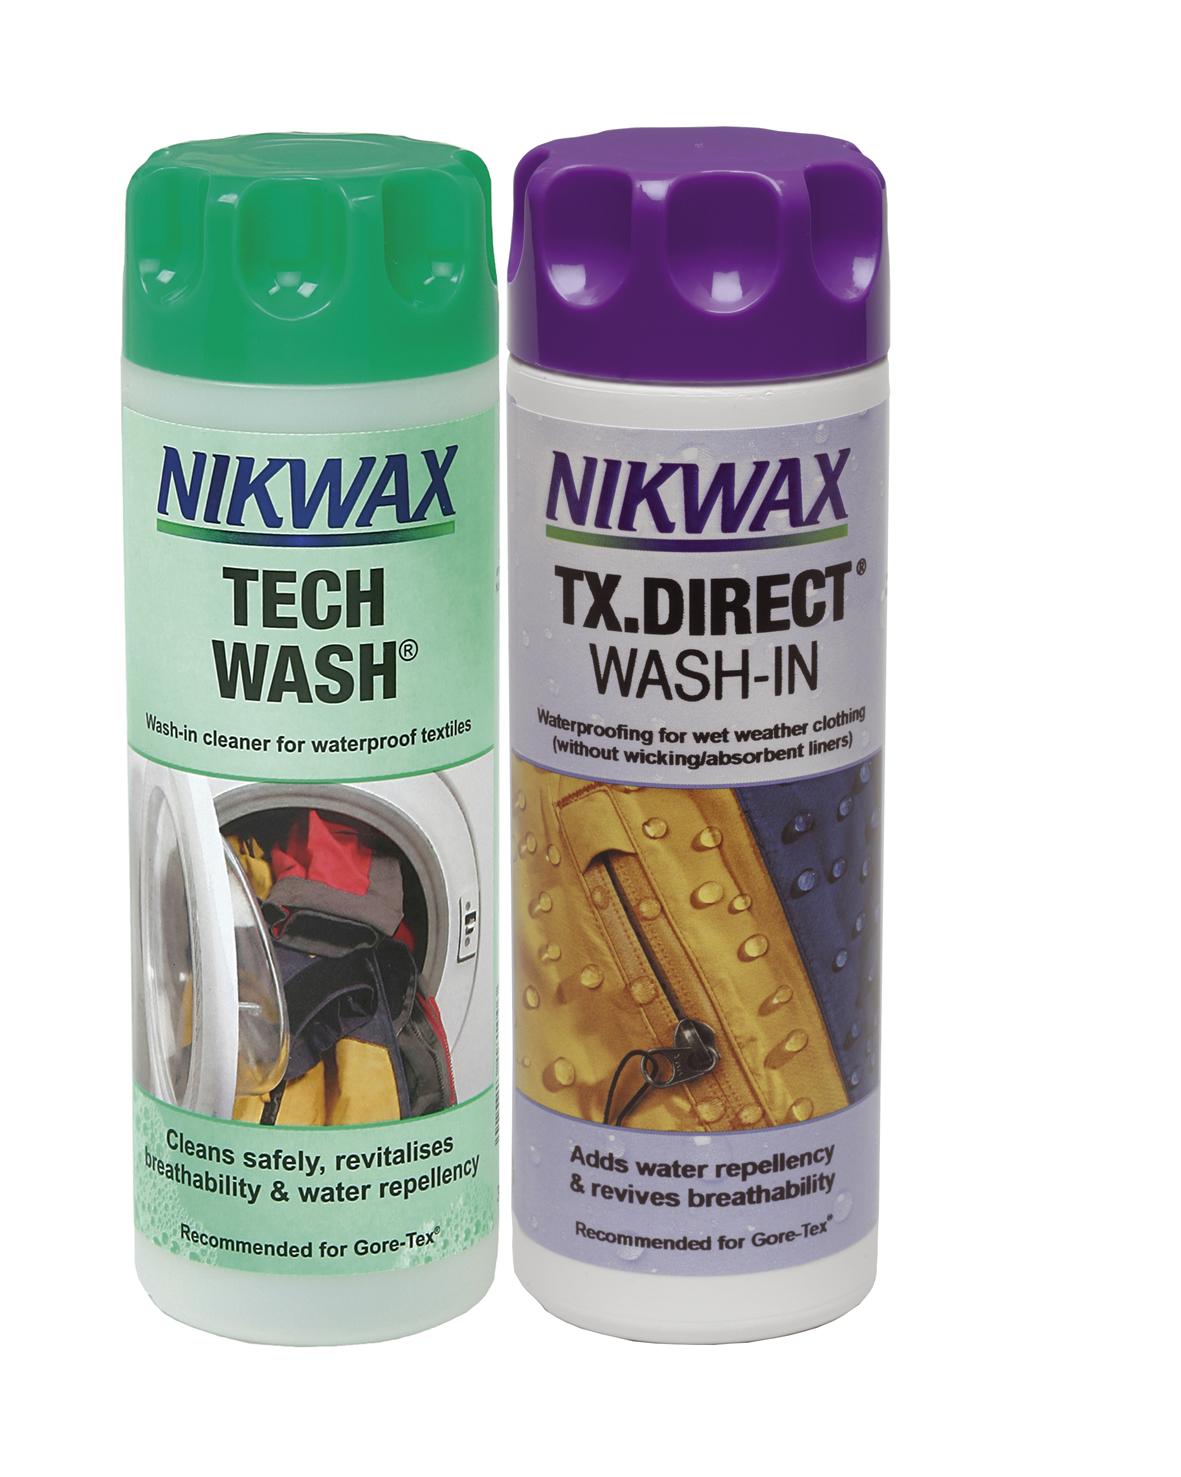 Nikwax Twin Pack - Lessive Tech Wash et imperméabilisant TX. Direct